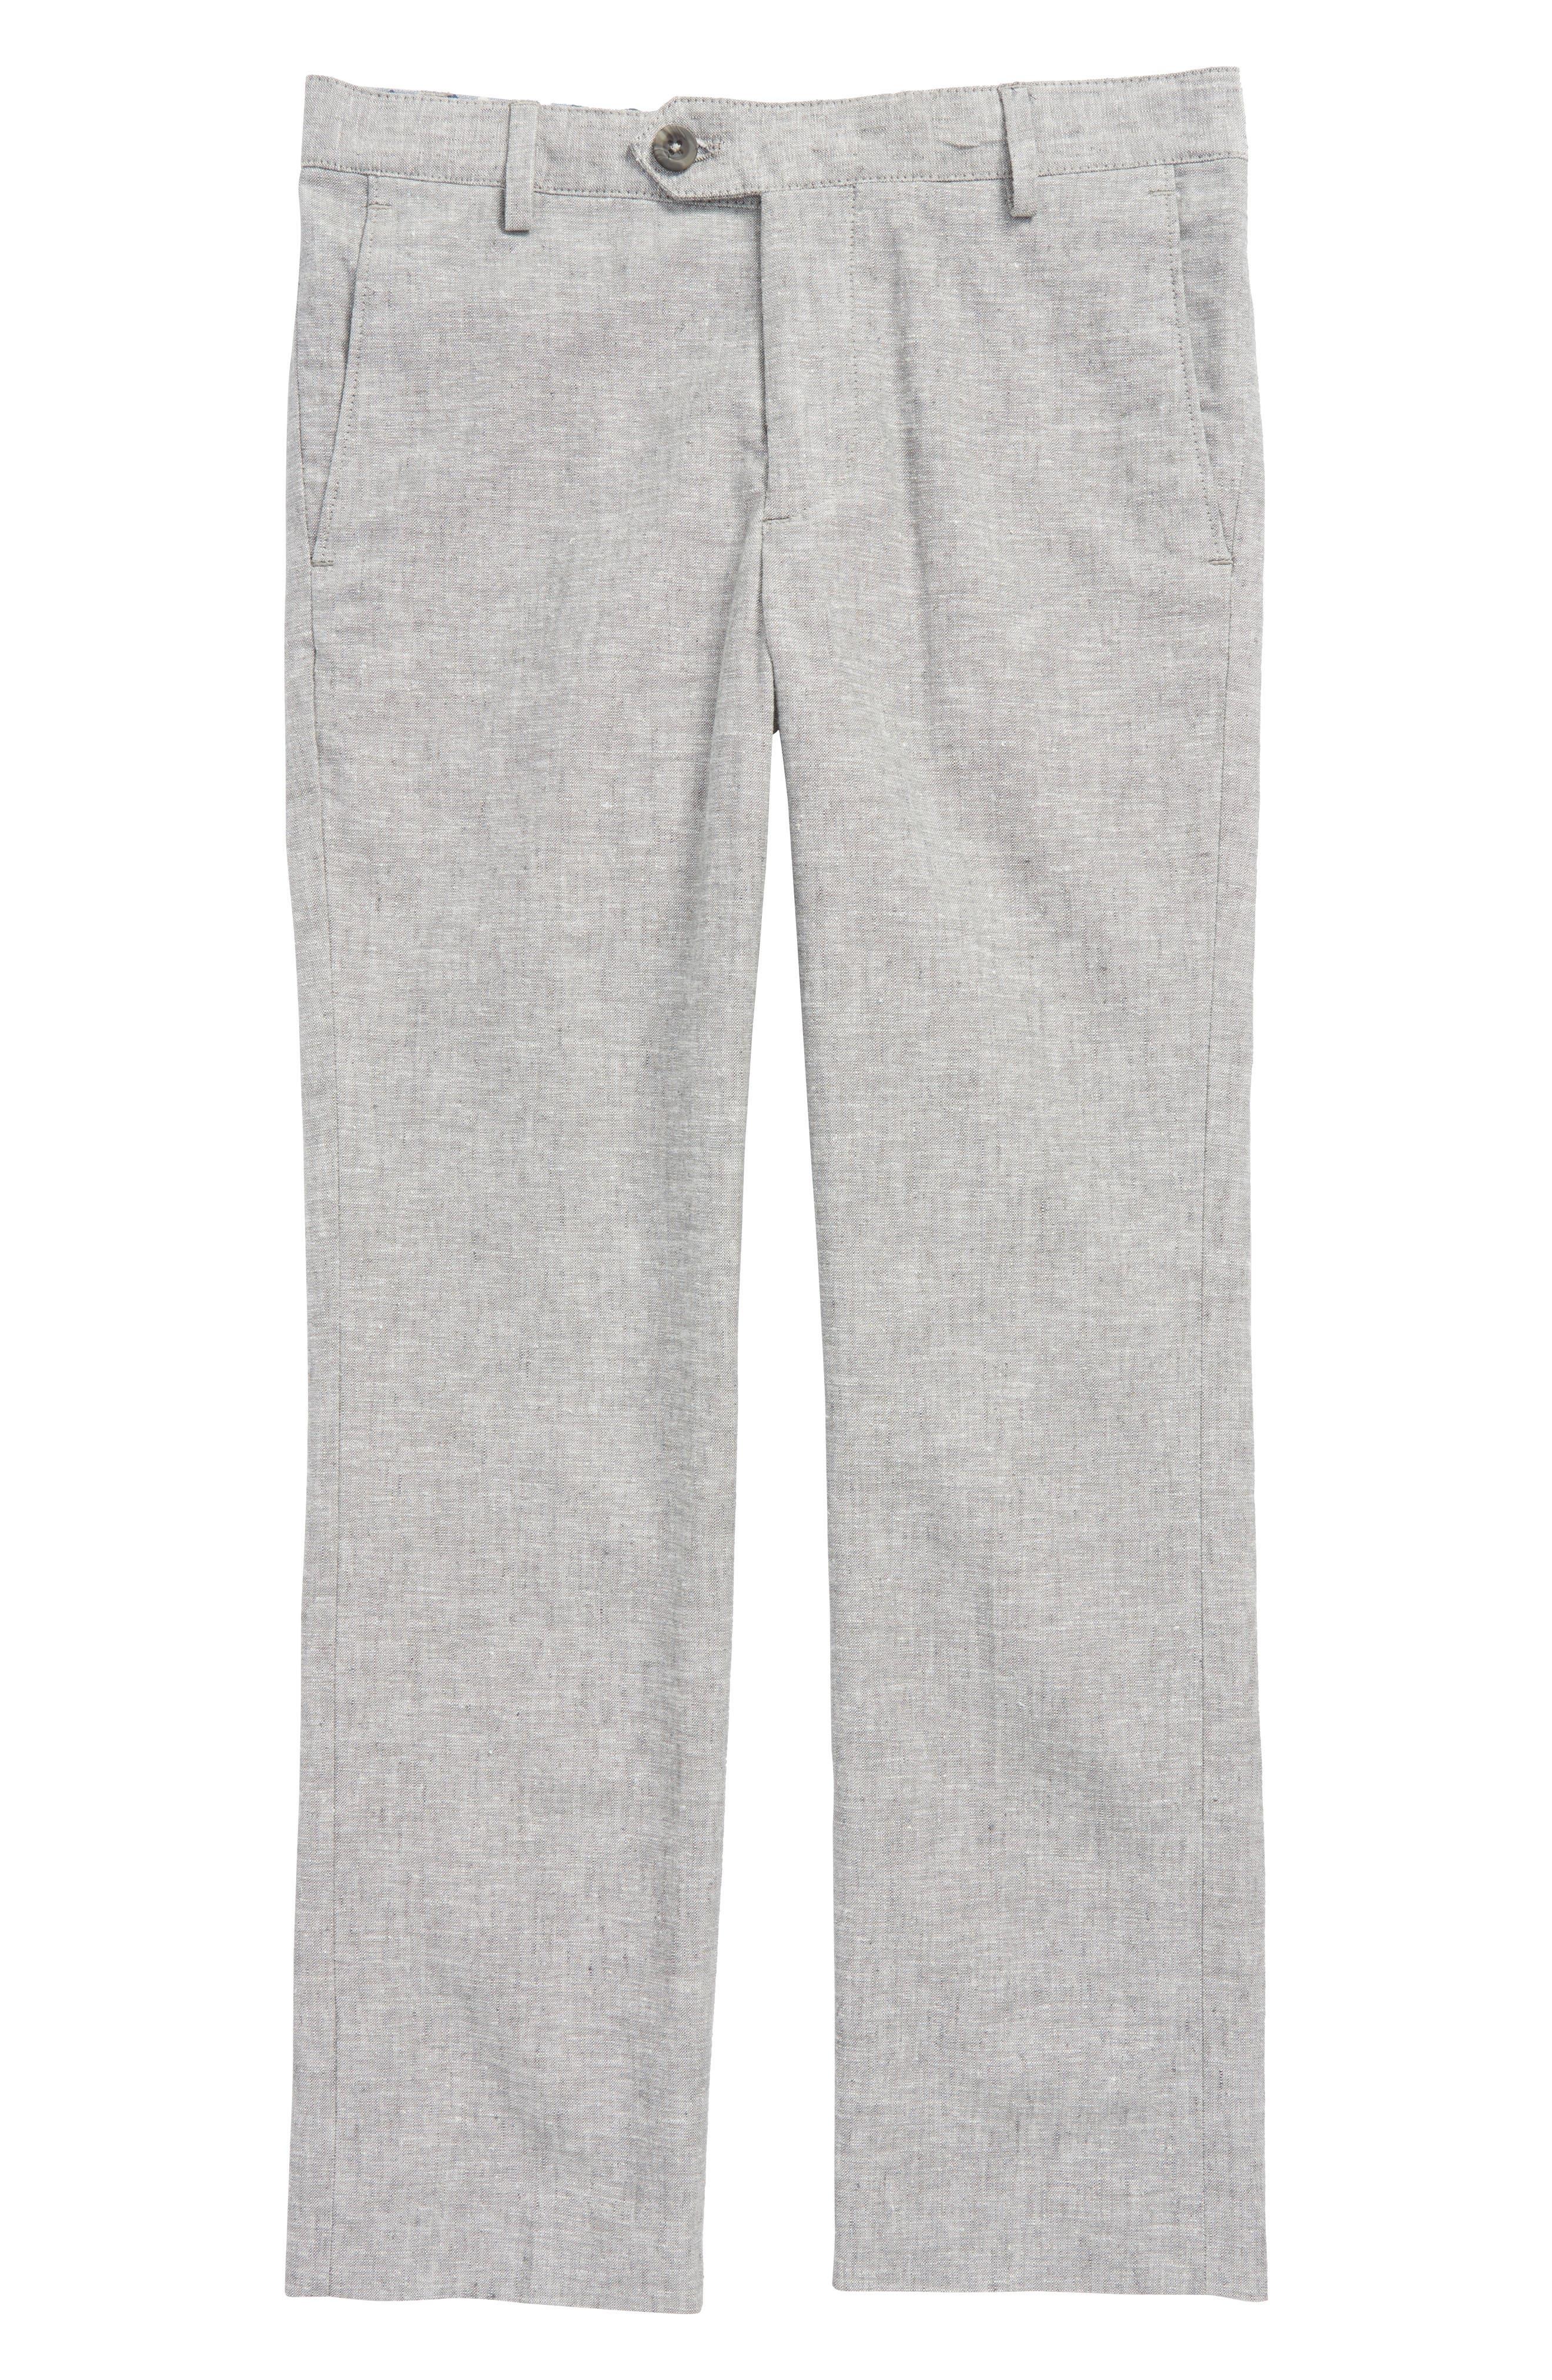 Elliott Flat Front Linen & Cotton Trousers,                             Main thumbnail 1, color,                             Grey Linen